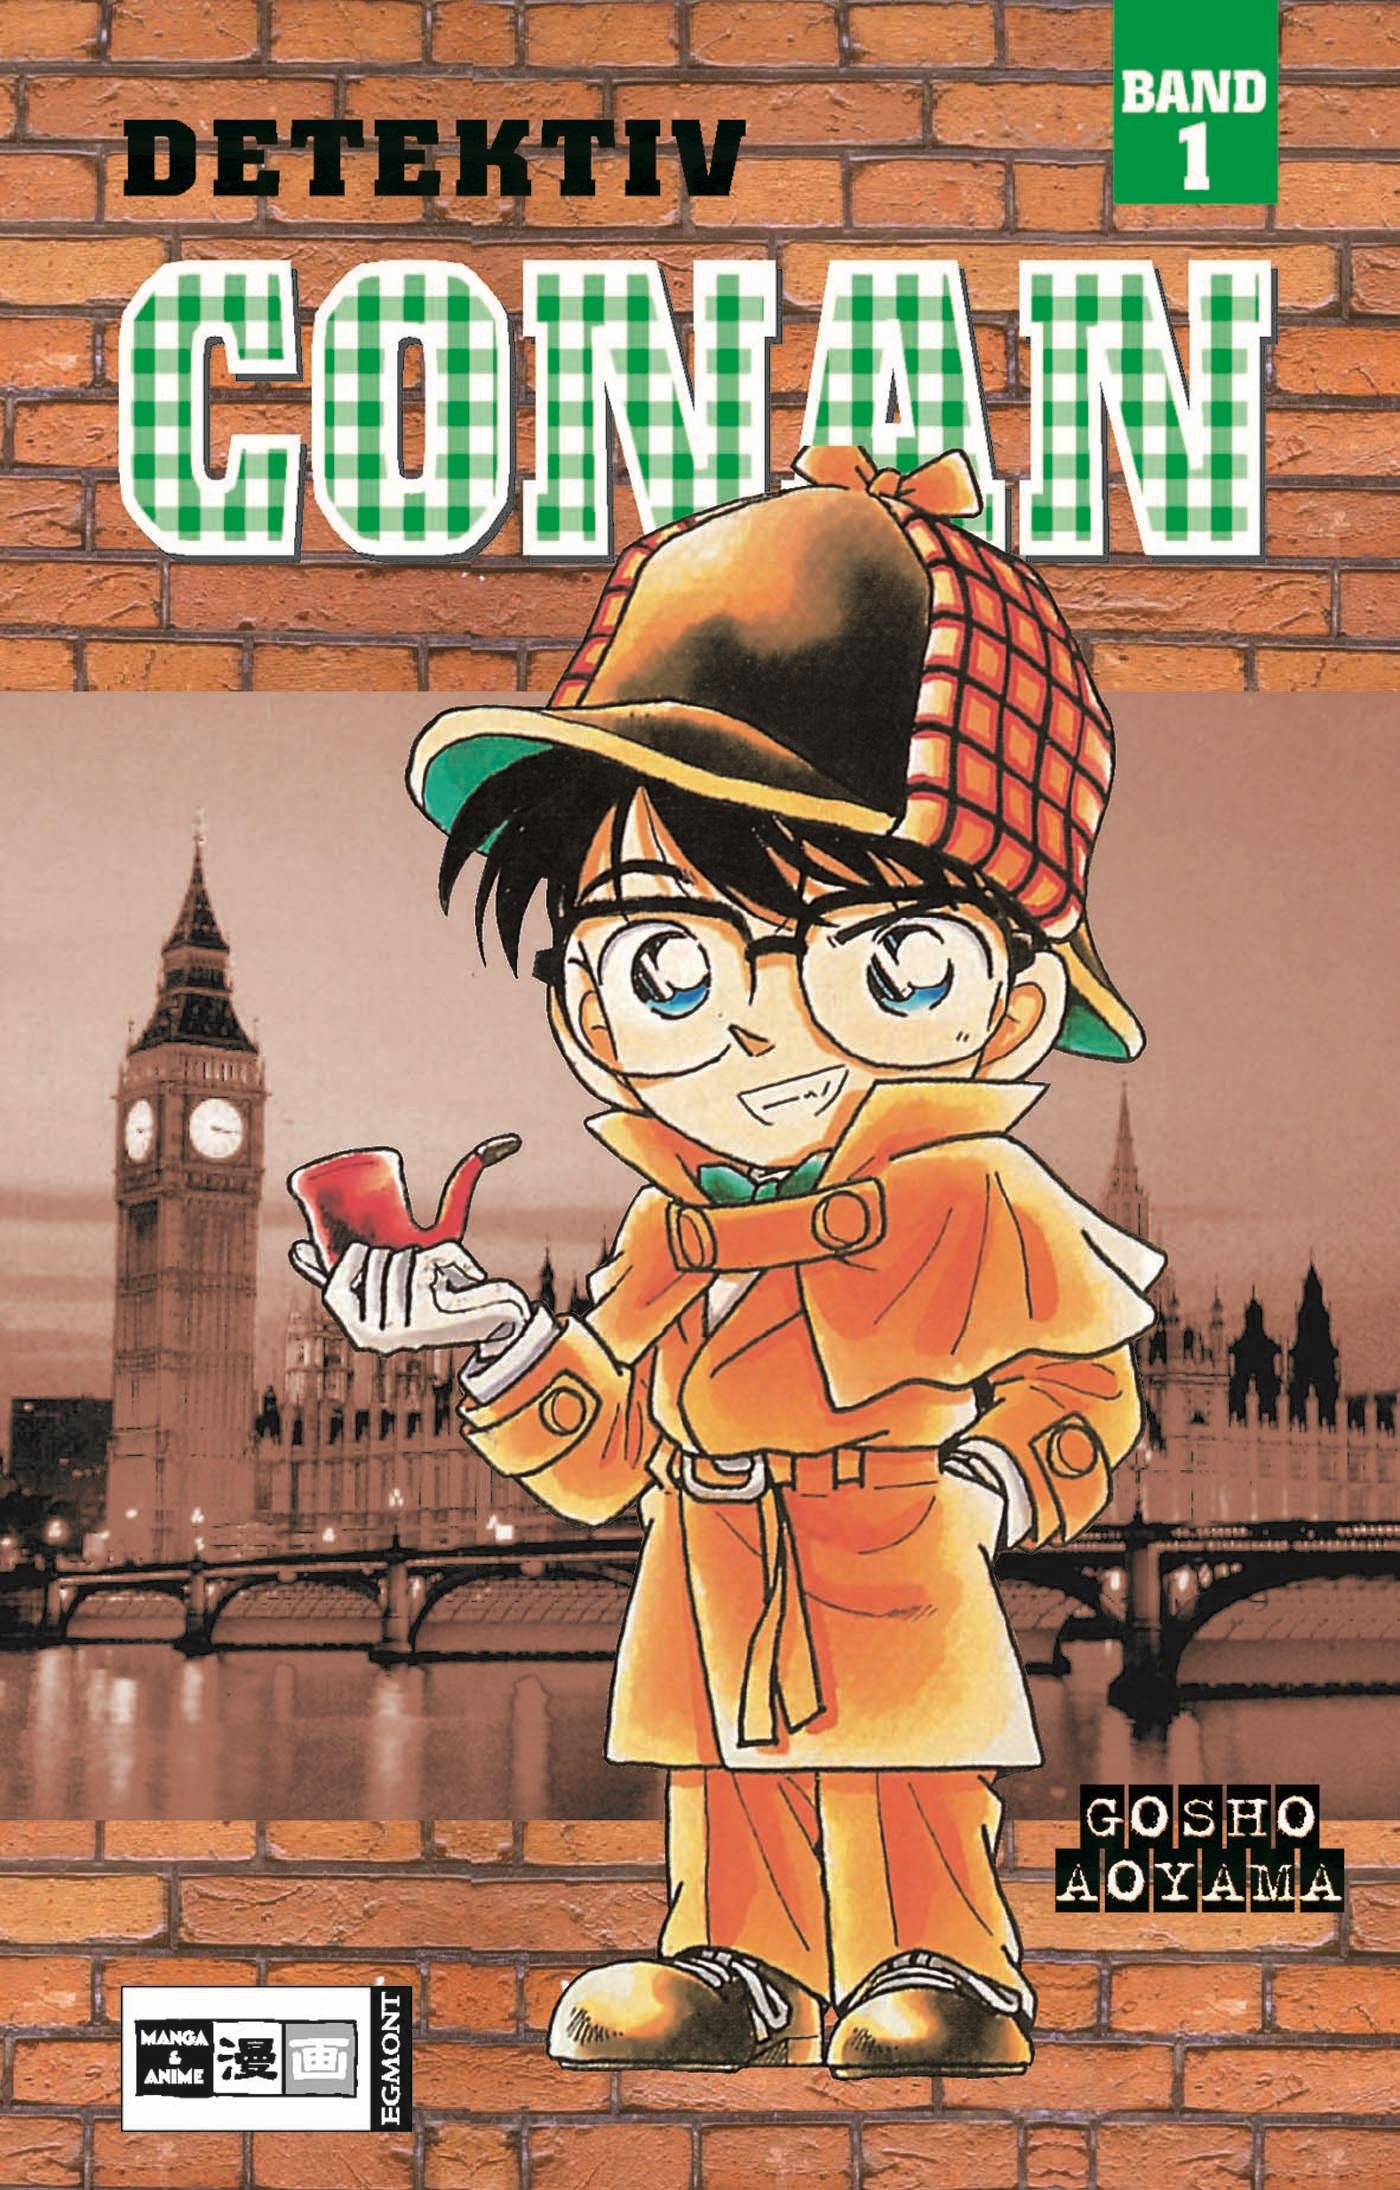 Detektive Conan